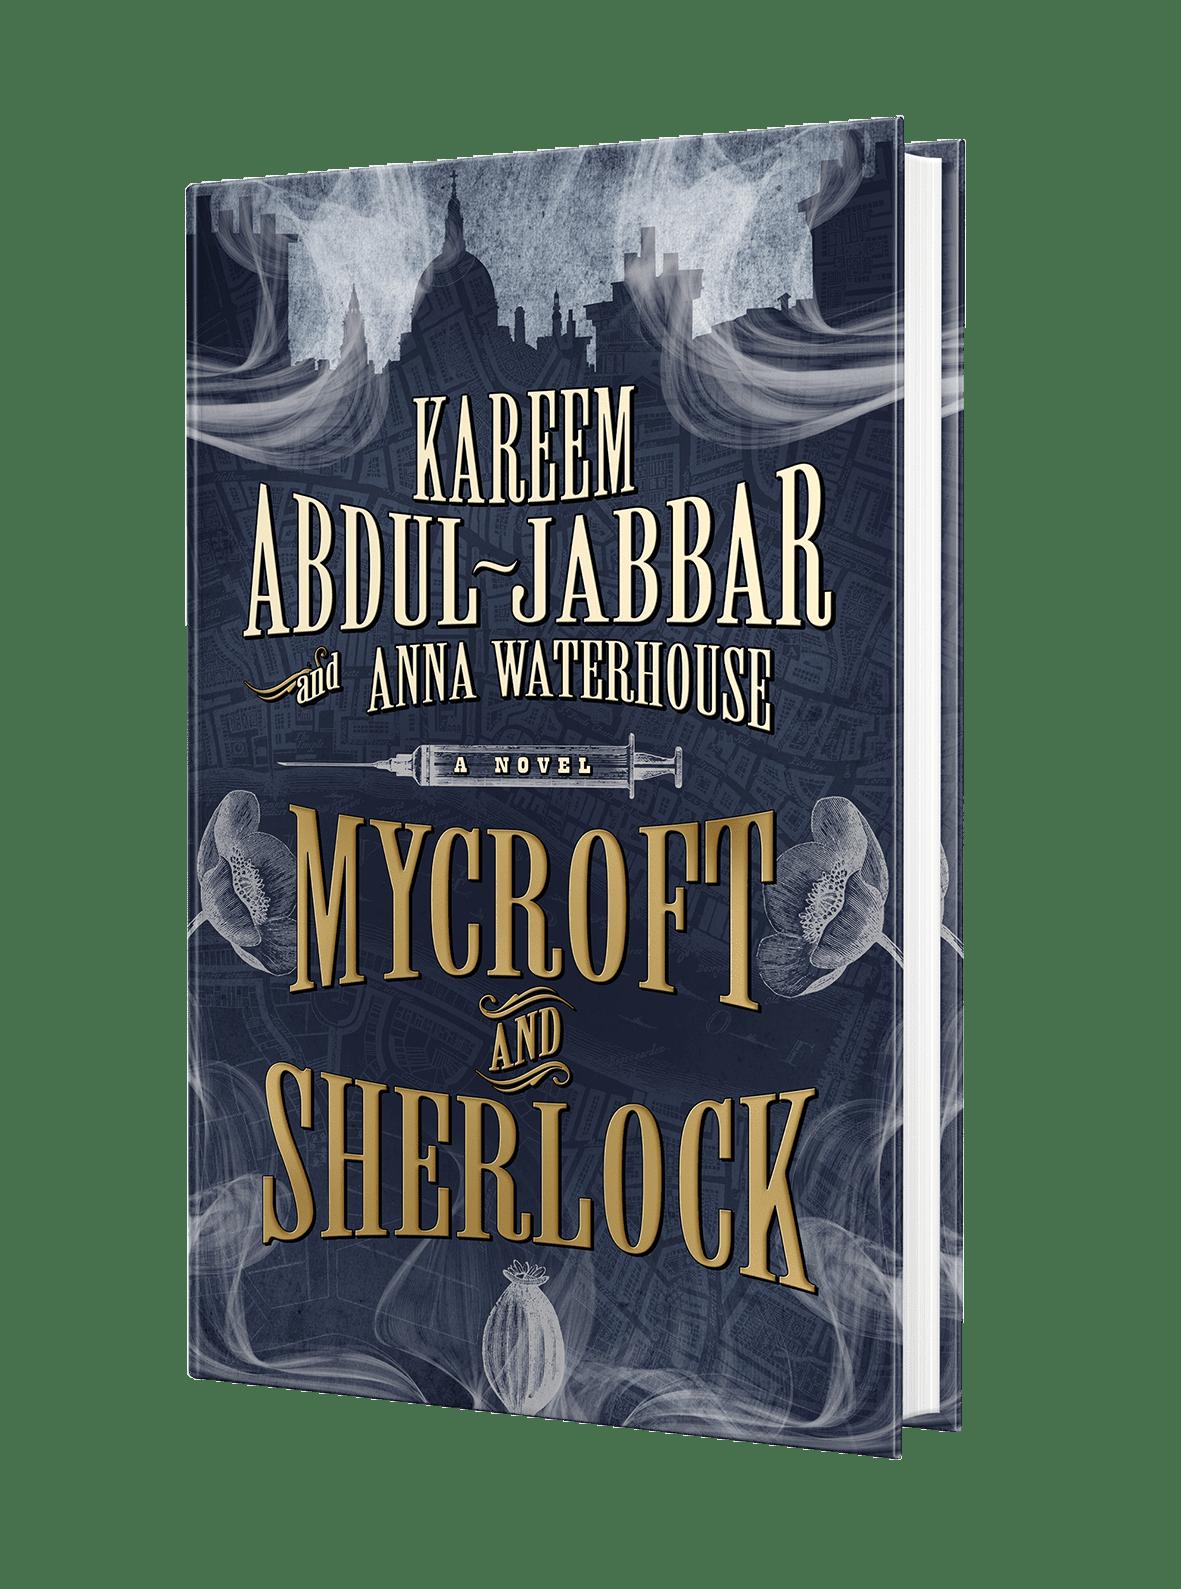 kaj_3d-book_mycroft-sherlock